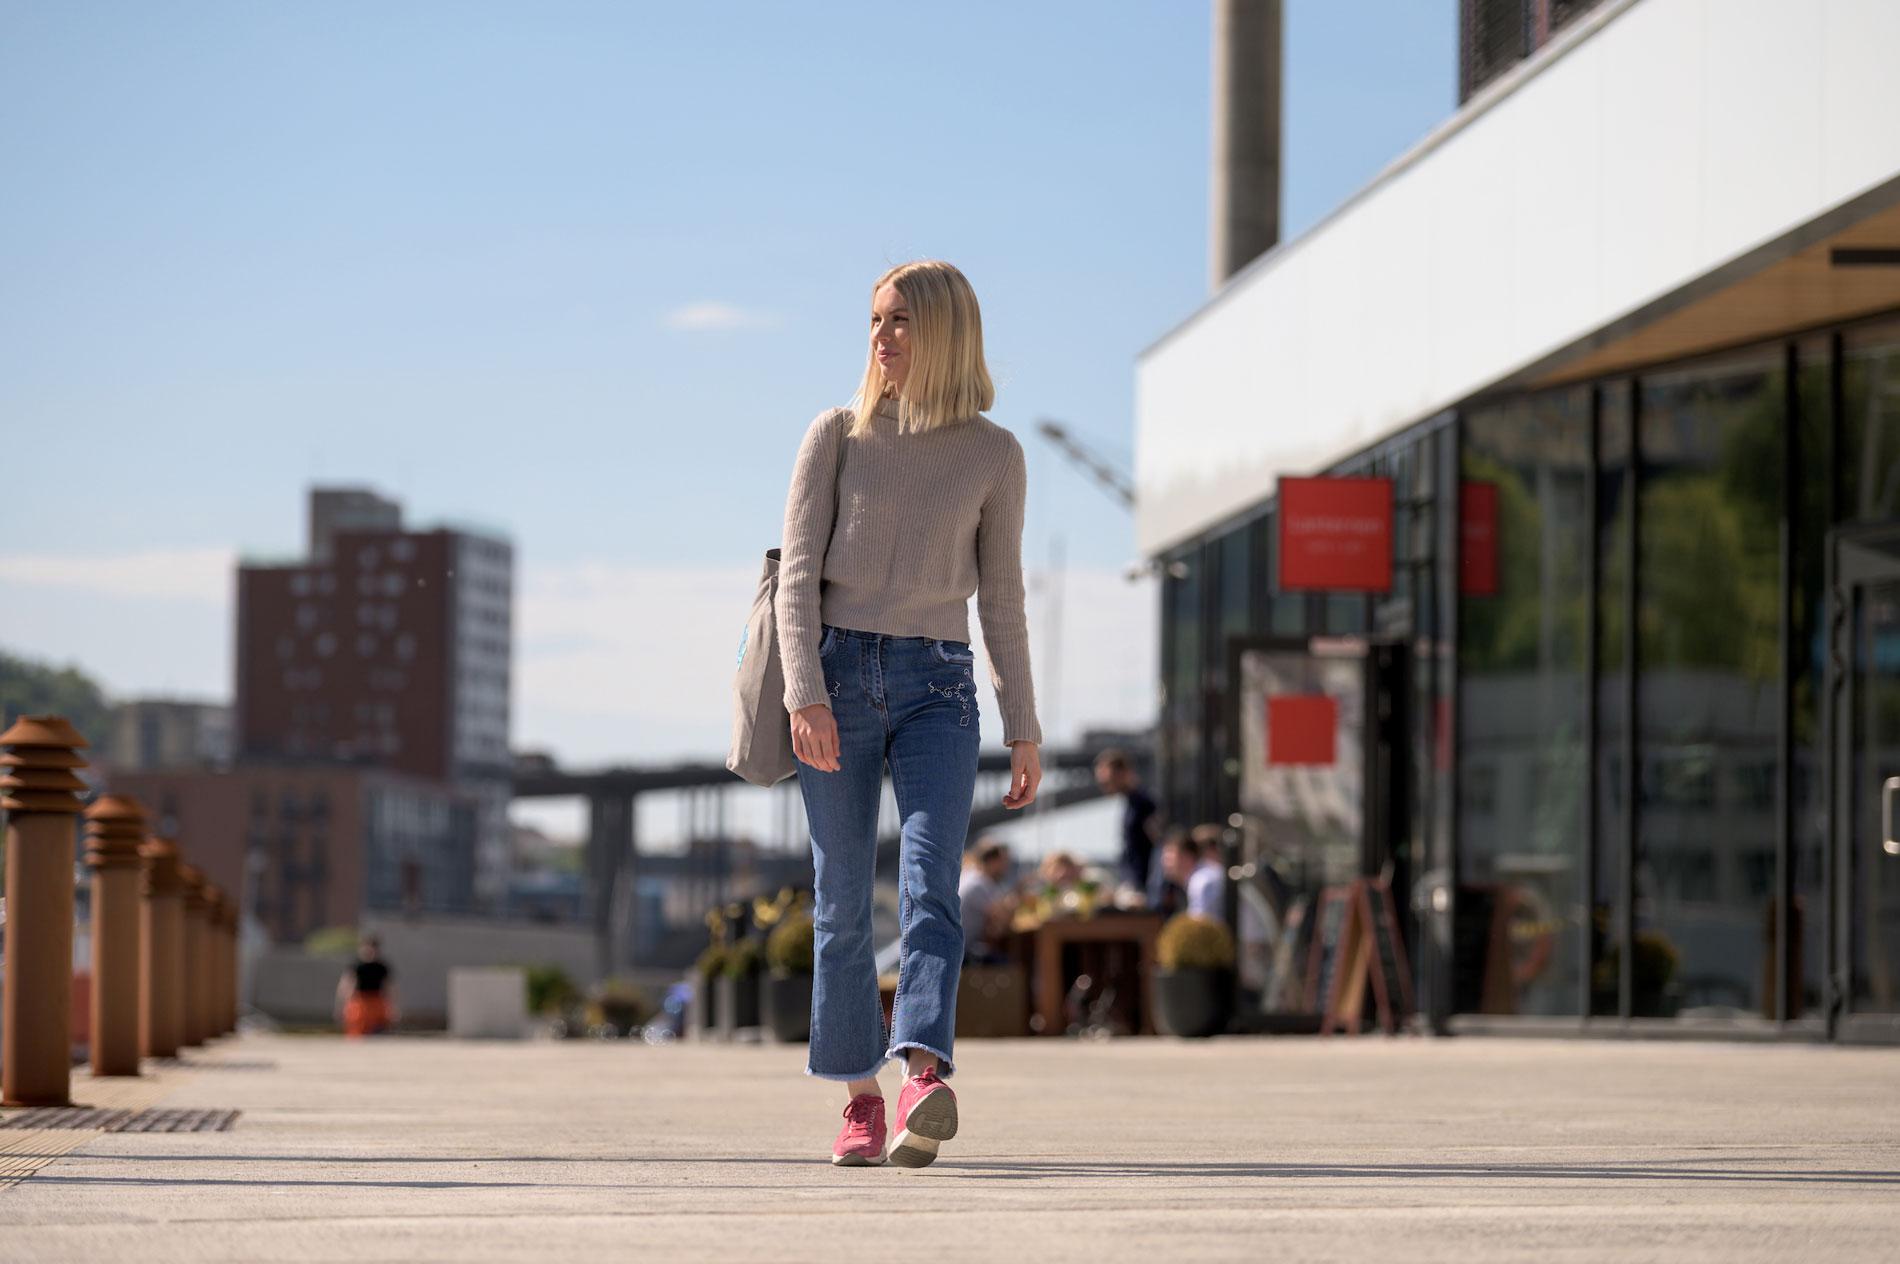 UT - OG HJEM IGJEN: Tiril tar for tiden en master i finans på NHH i Bergen. Hun ser for seg å jobbe i utlandet noen år etter studiene, men så vil hun hjem til Norge.